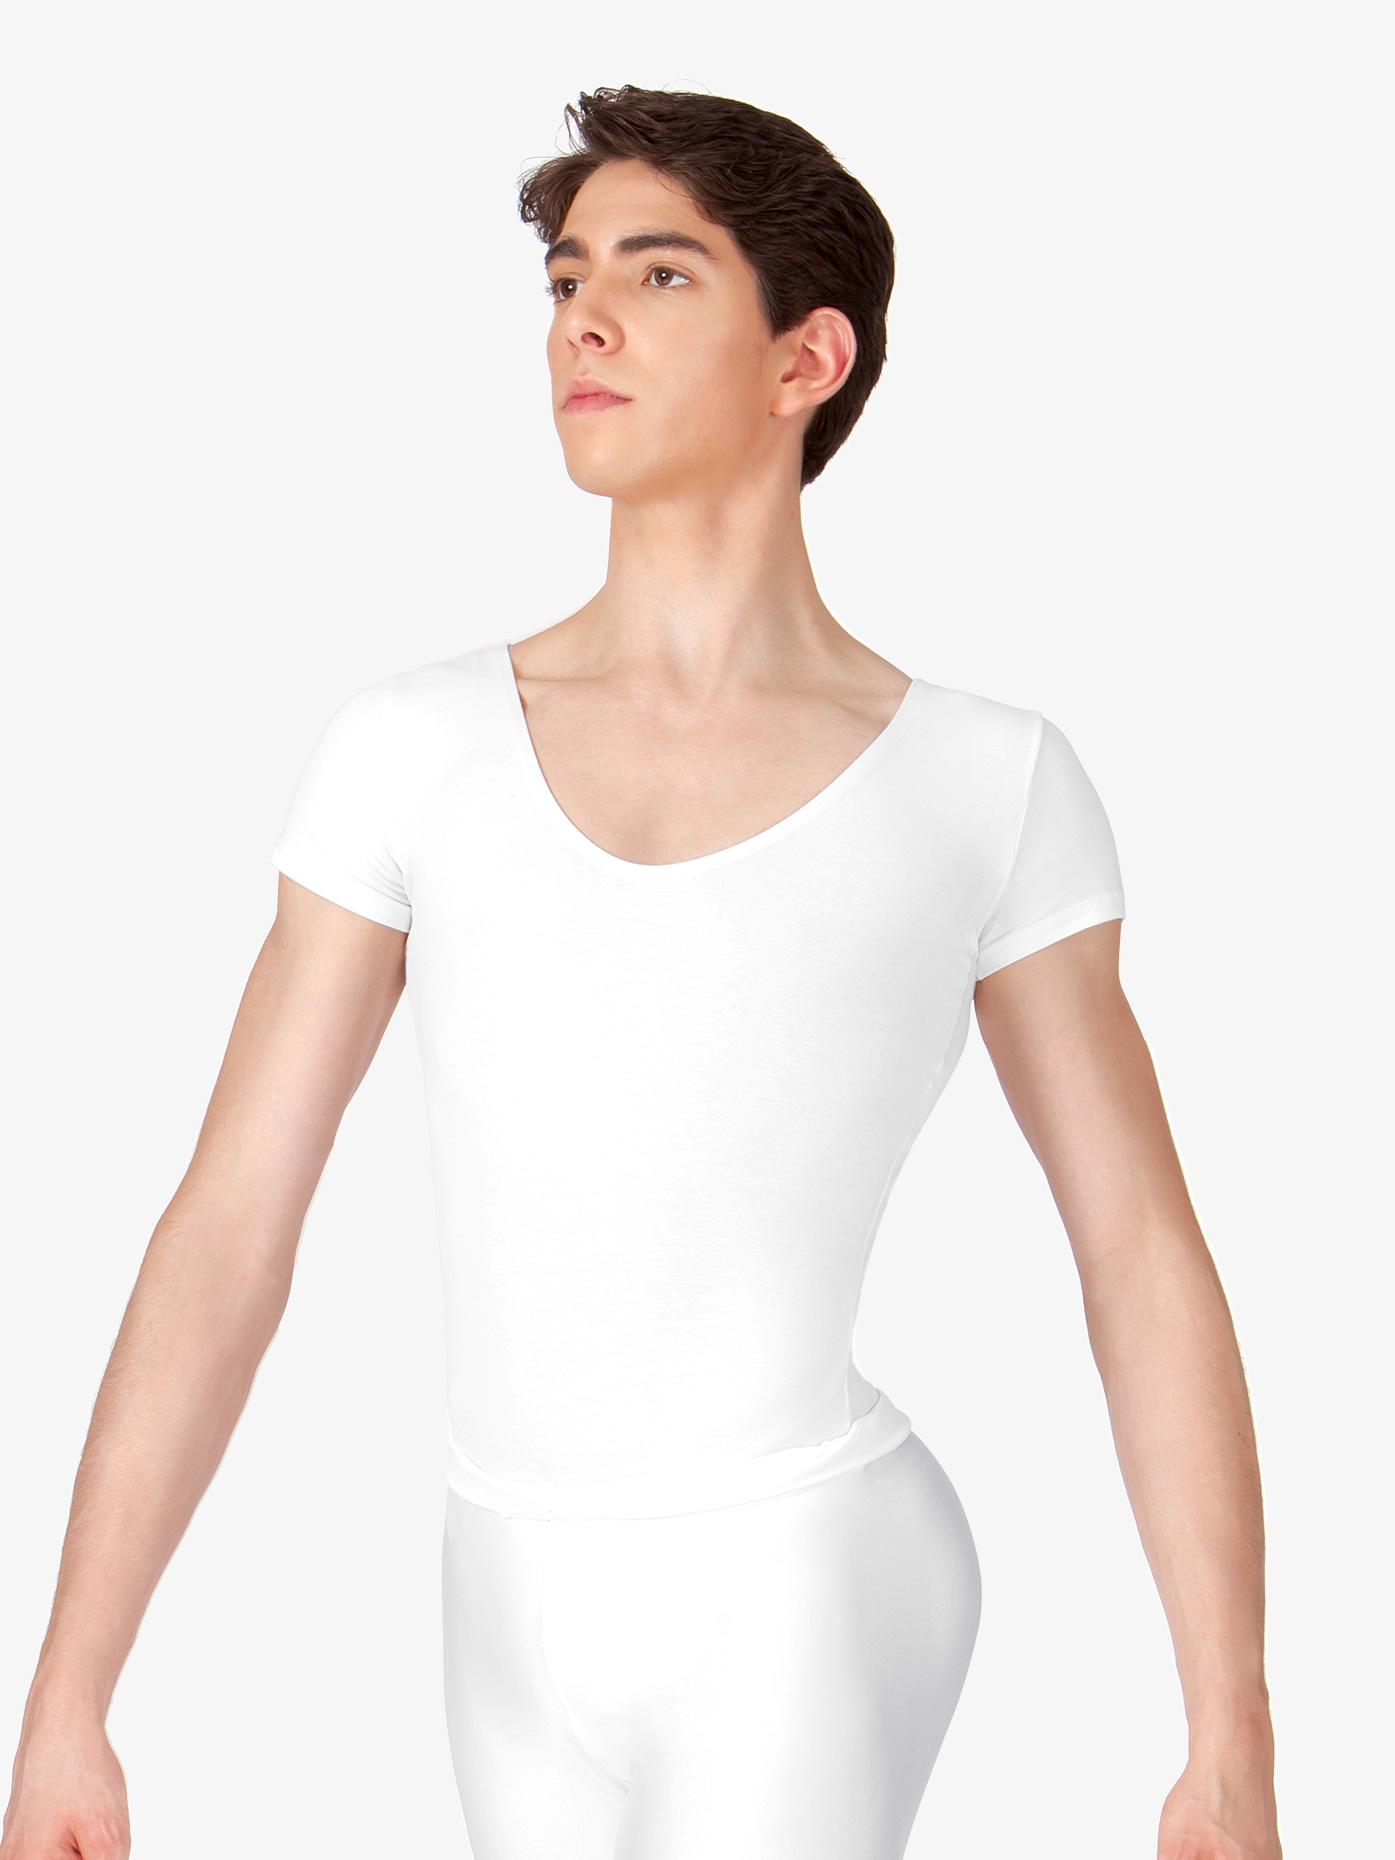 BalTogs Men's Cotton Short Sleeve Thong Leotard CL881T